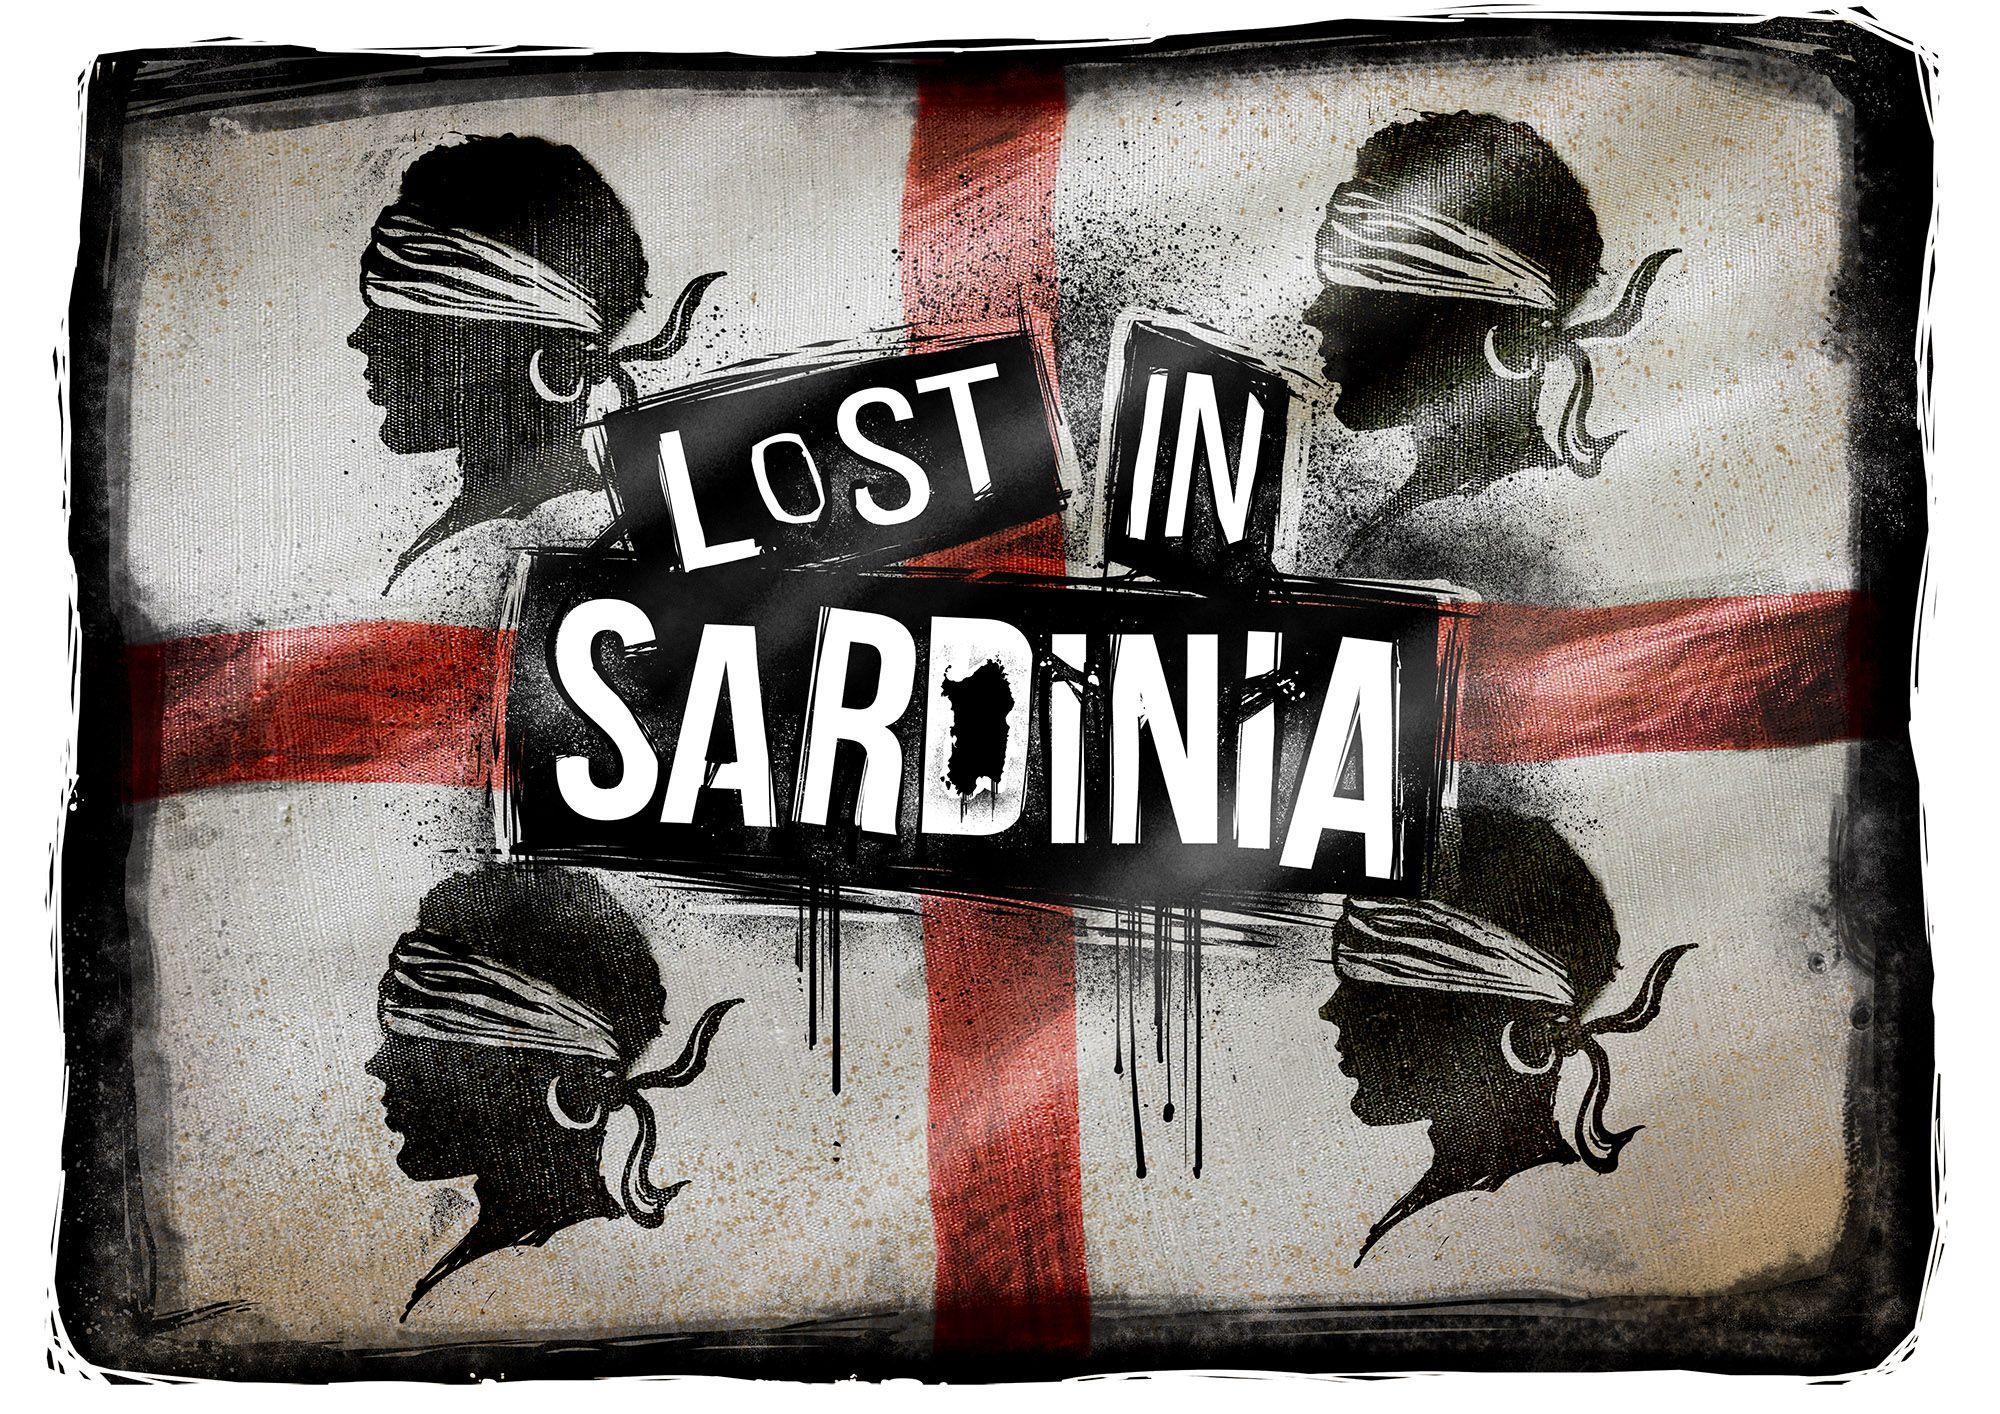 """Tutto parte da una ricerca...""""chi cerca trova"""". #LostInSardinia #RWF"""